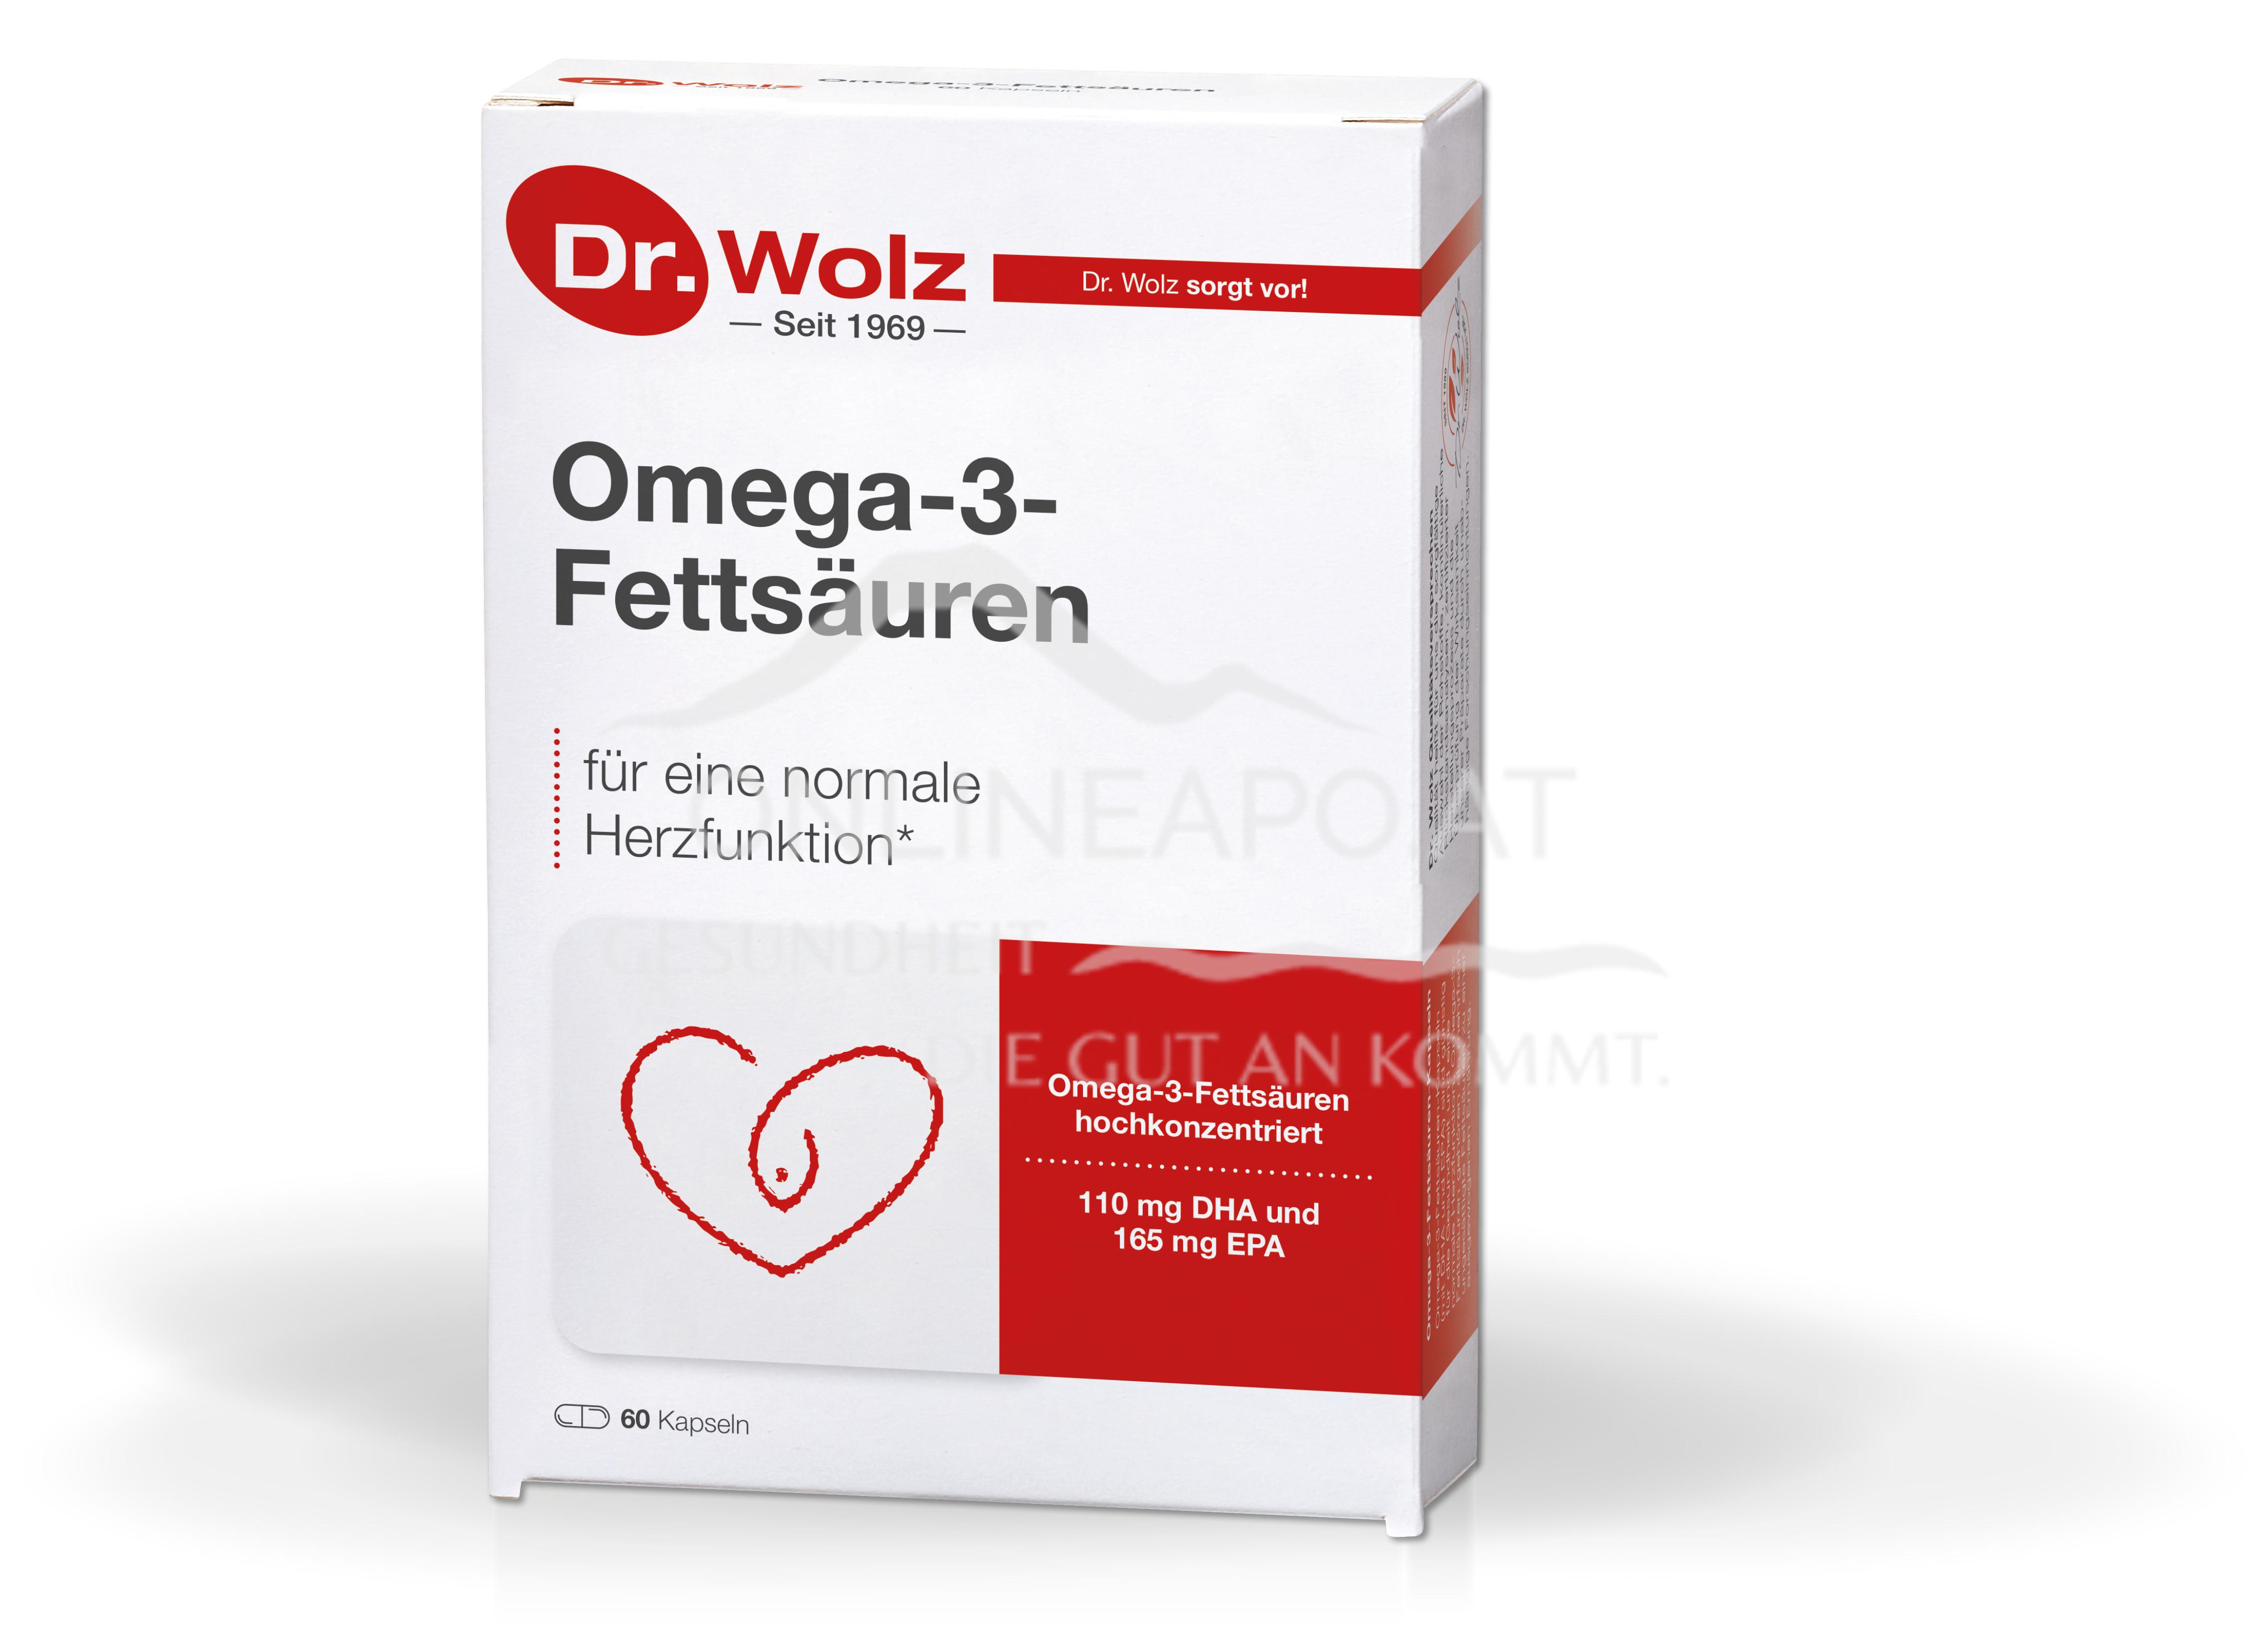 Dr. Wolz Omega-3-Fettsäuren Kapseln